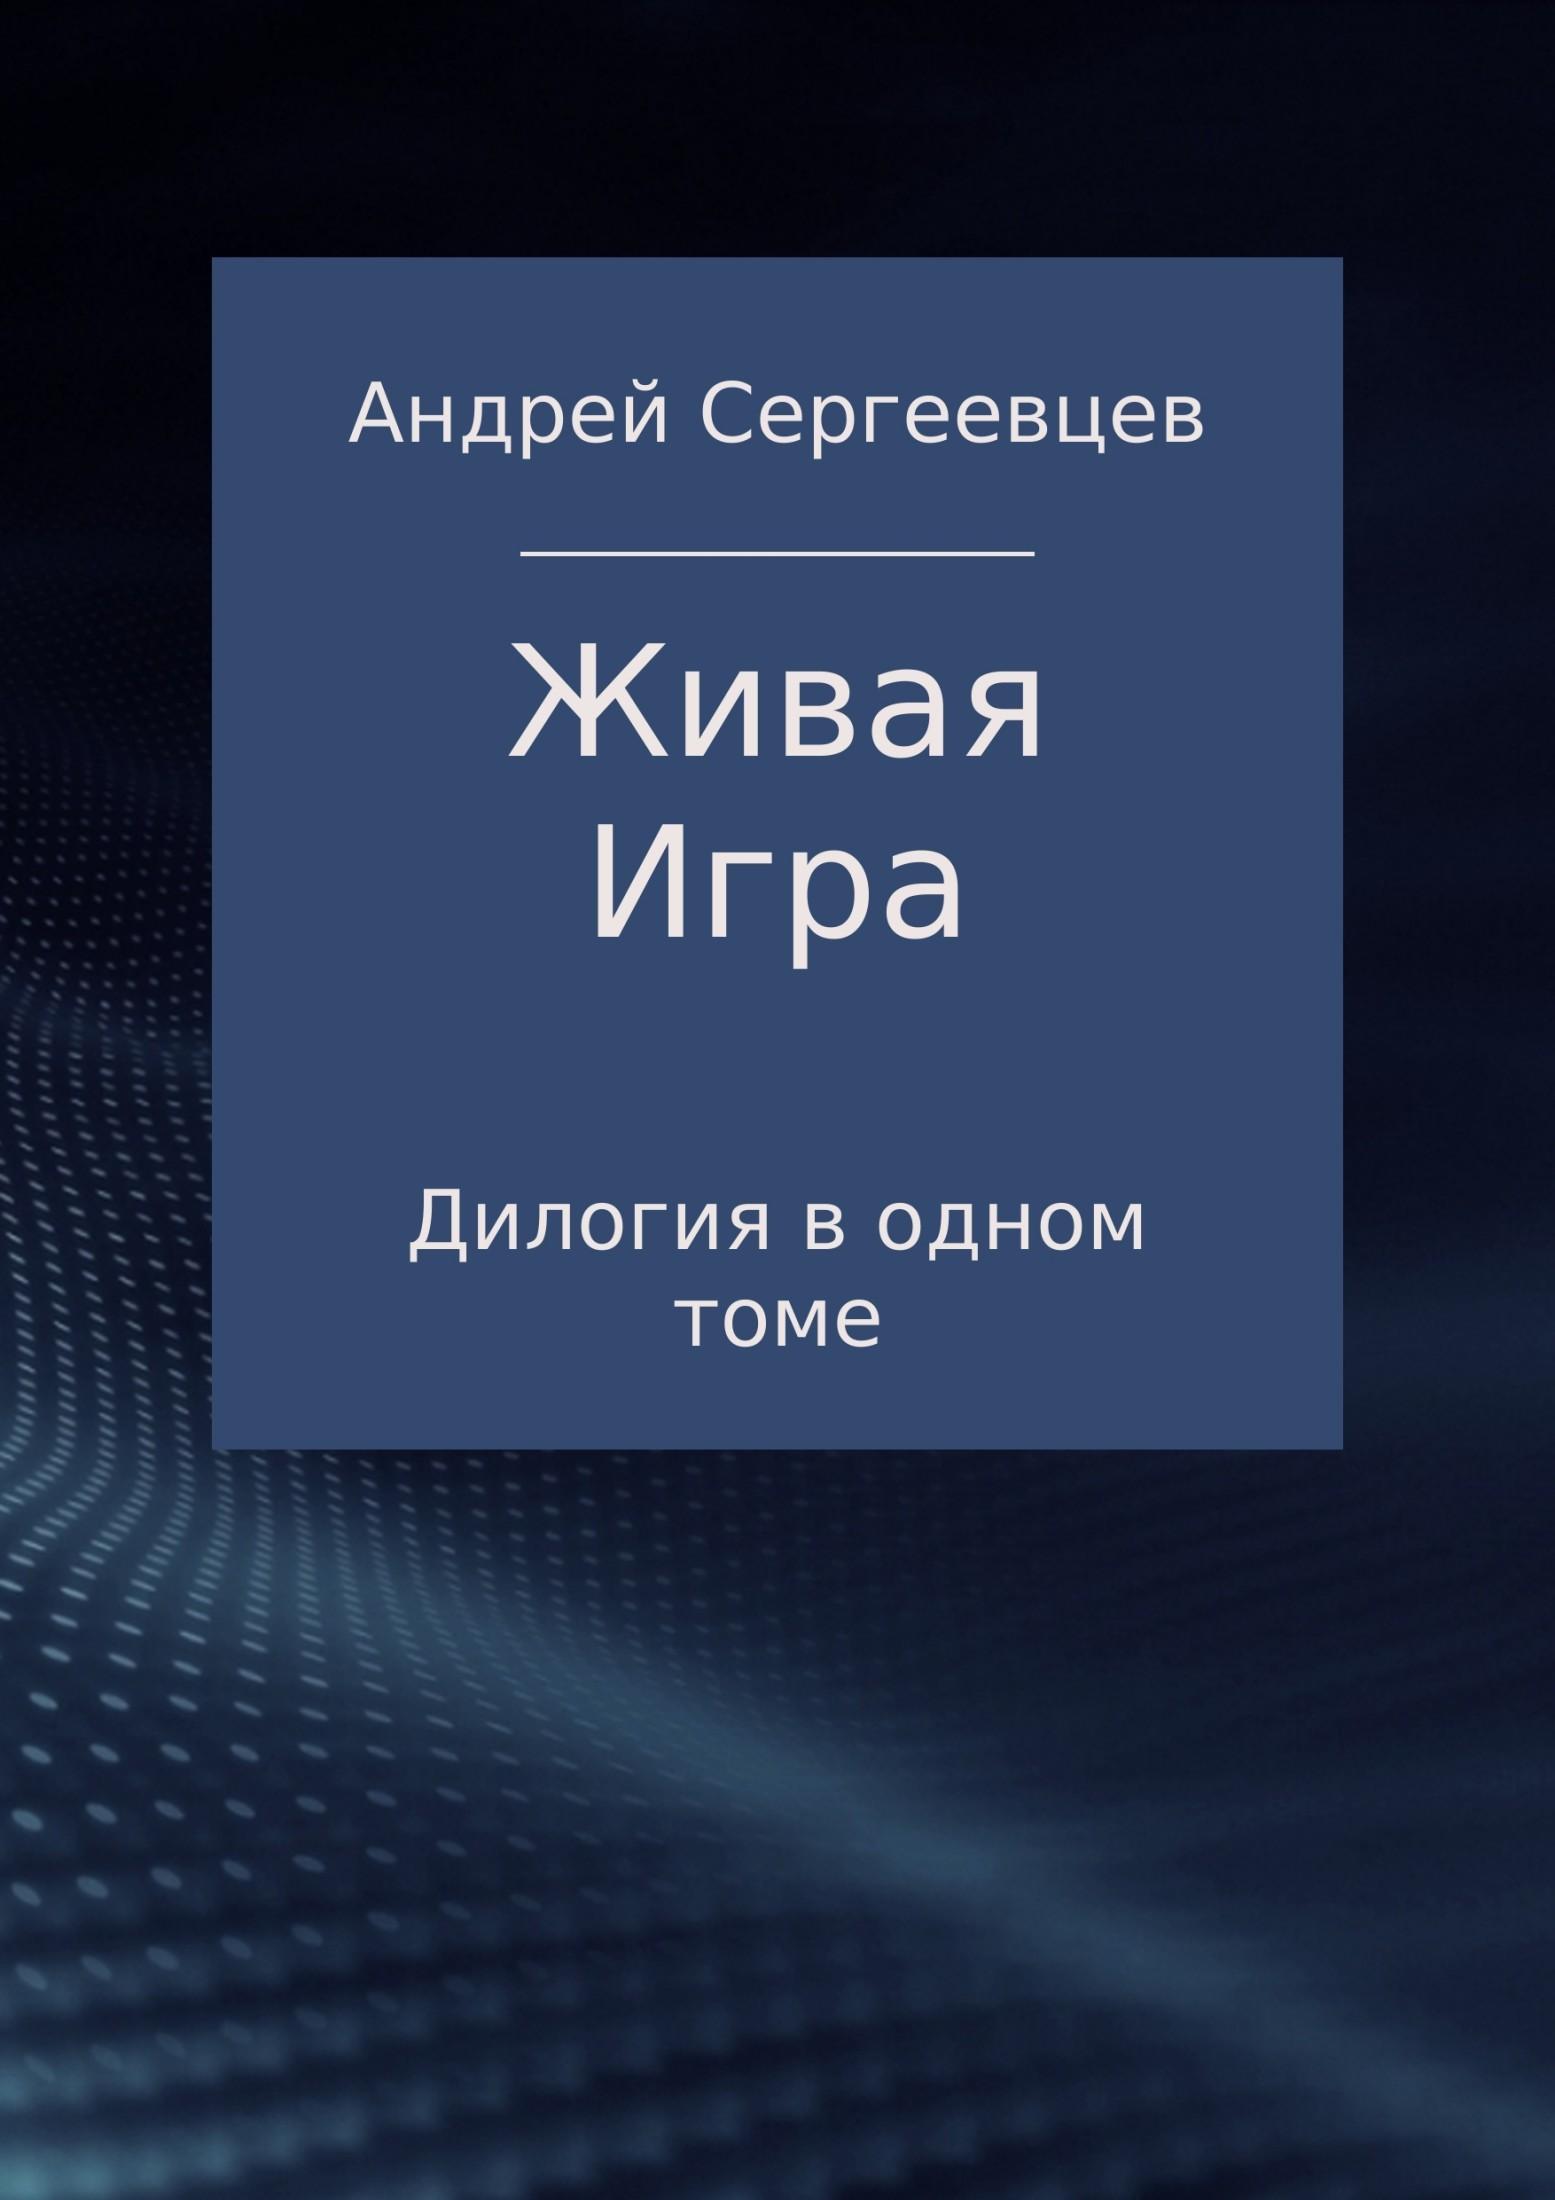 Андрей Борисович Сергеевцев. Живая Игра. Дилогия